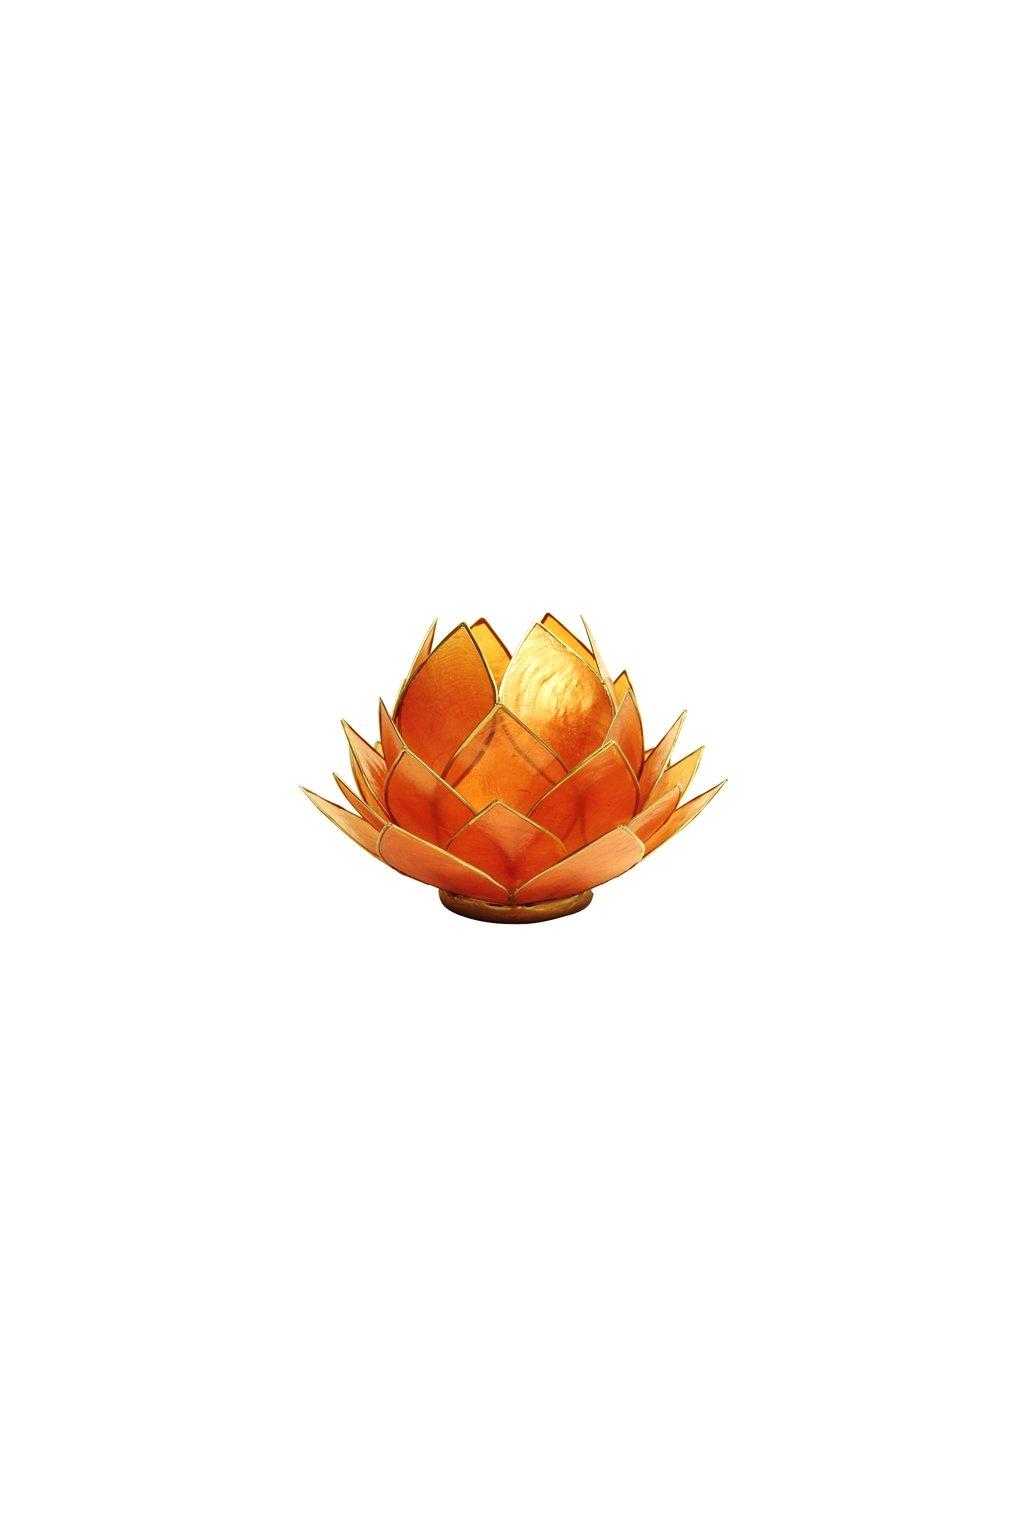 Lotosový svícen - oranžovo-zlatý - velký